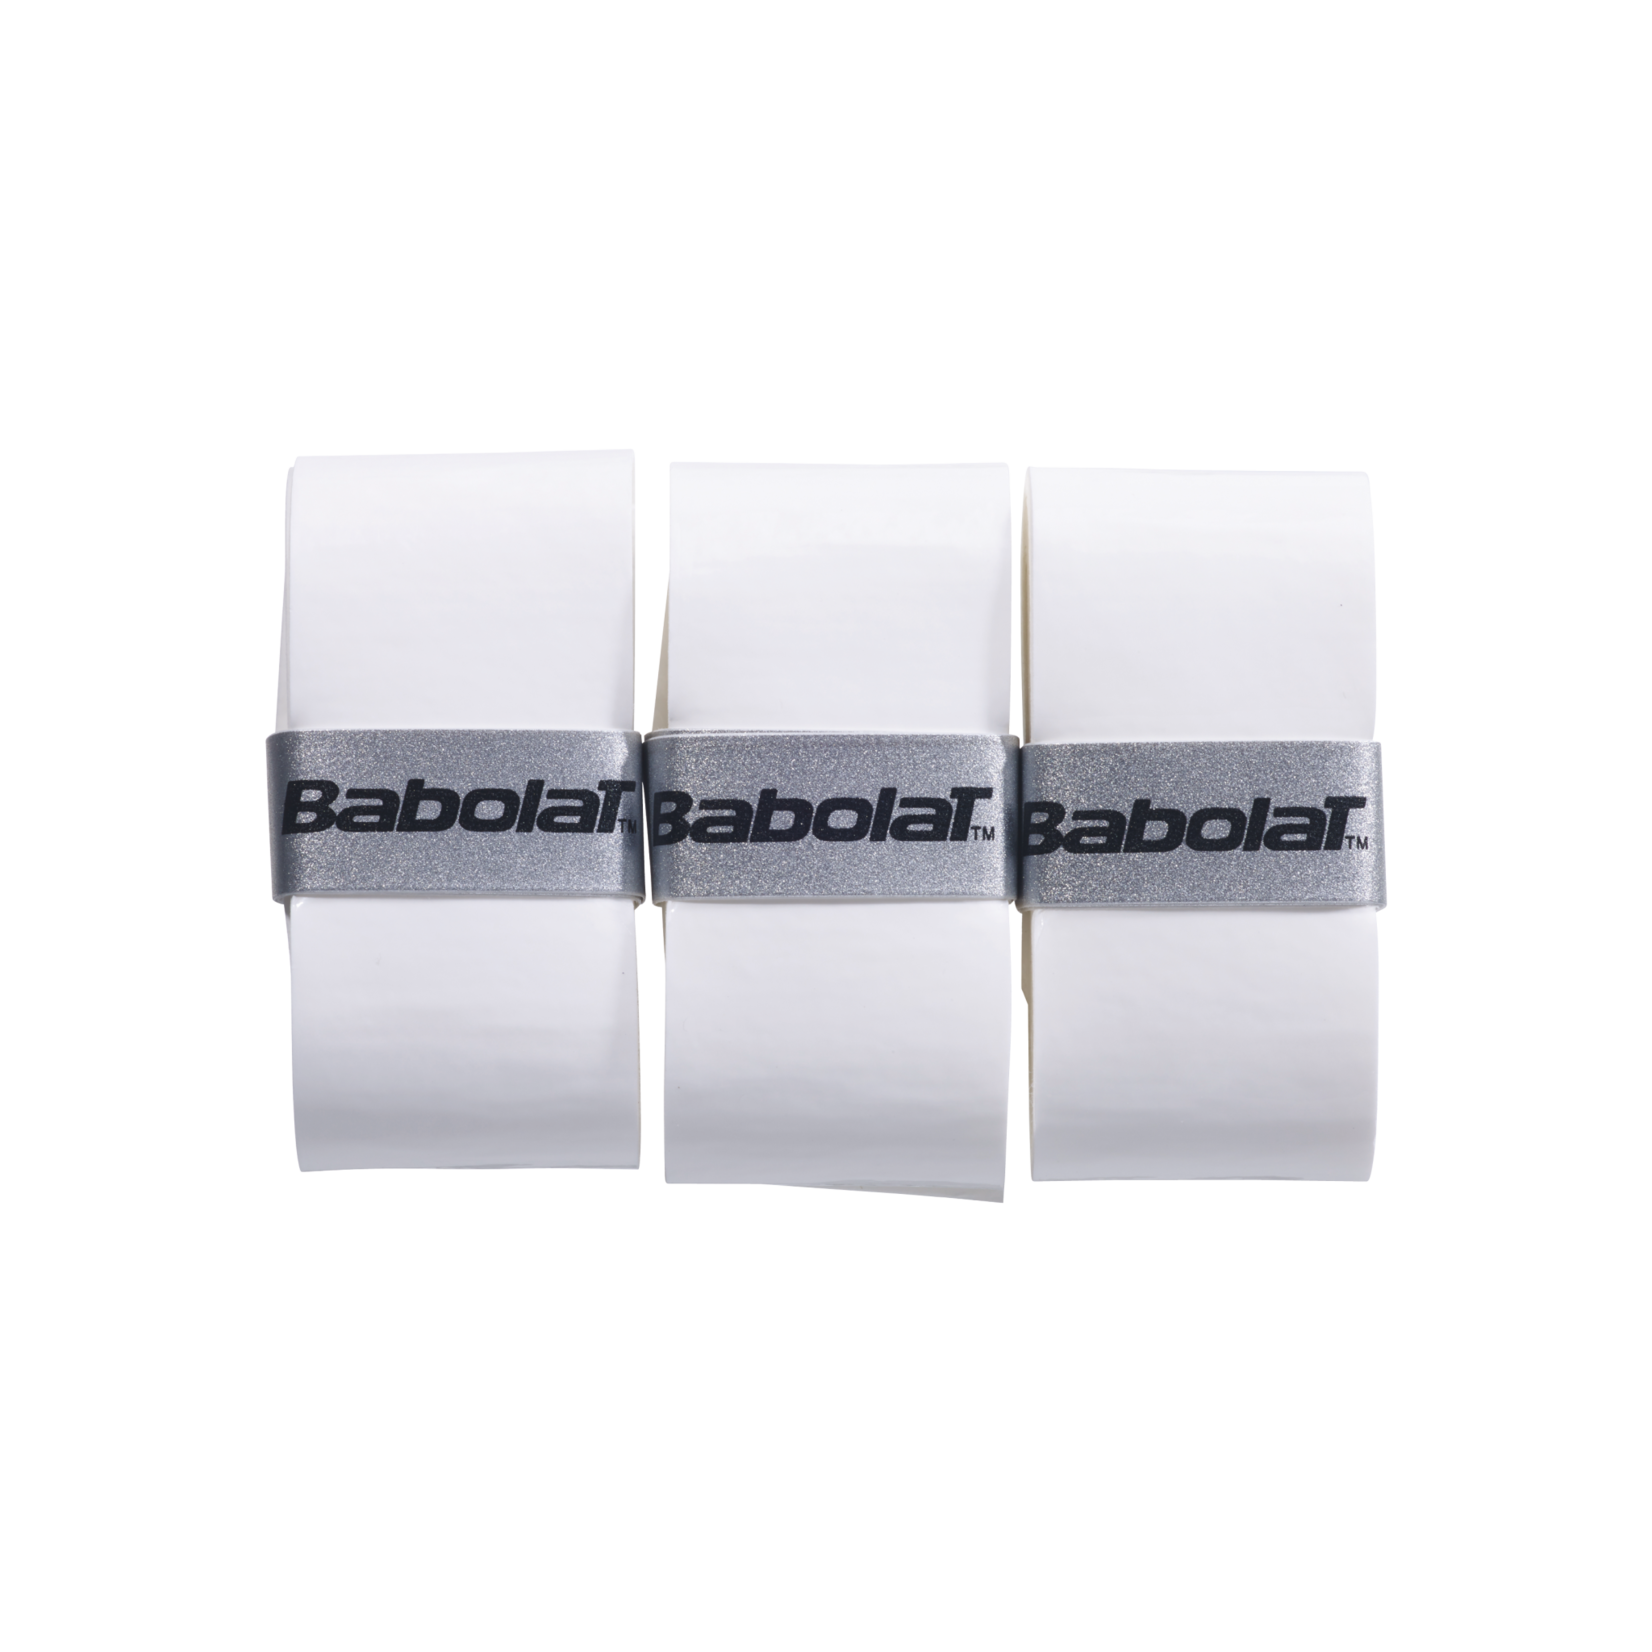 Babolat Pro Tacky Overgrip x3